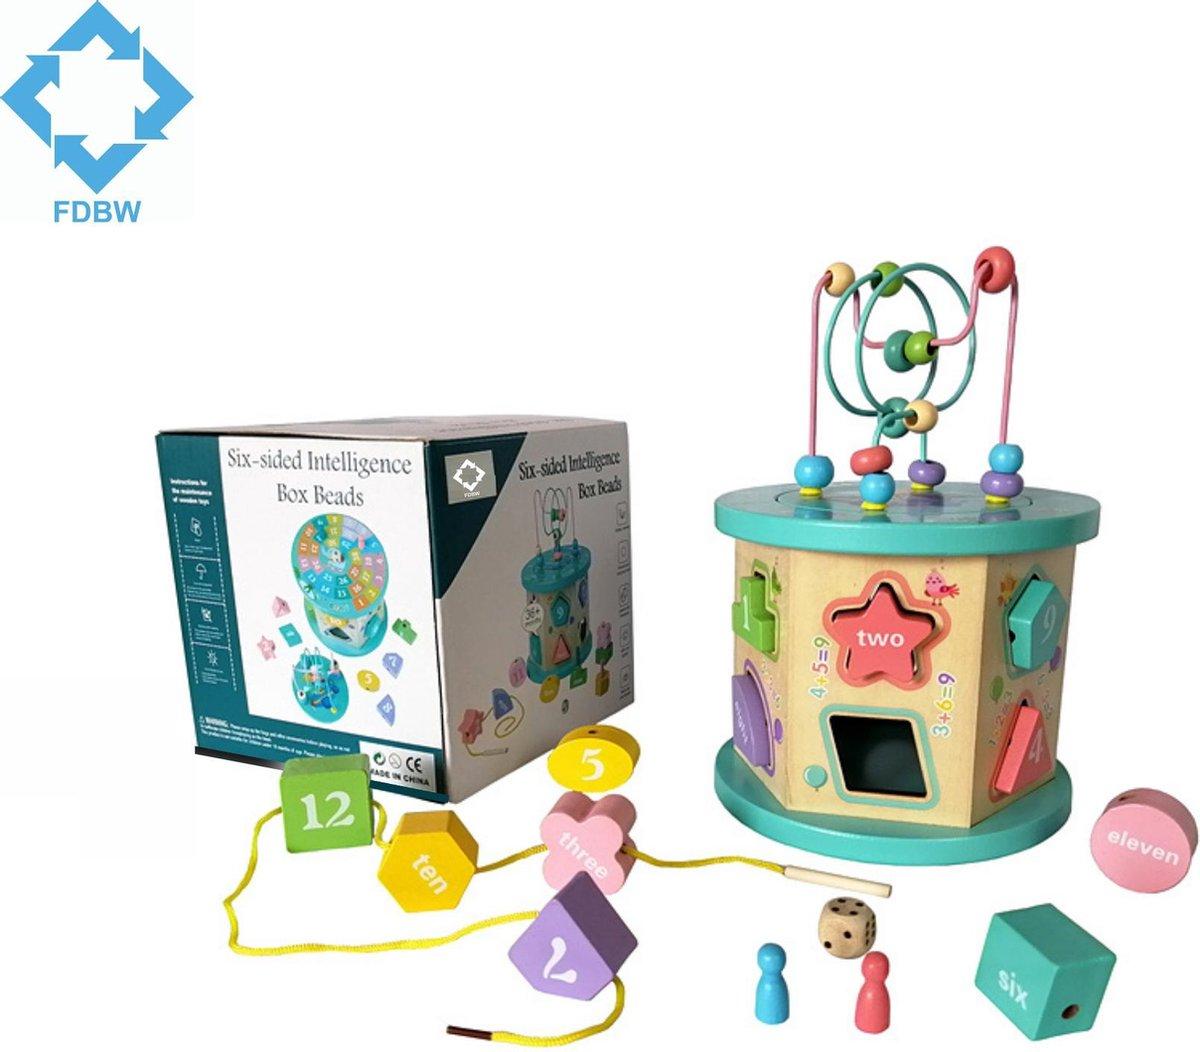 Blokkendoos met Vormen | Kralenrek | Multifunctioneel Speelgoed Kind - Educatief Speelgoed 3 Jaar